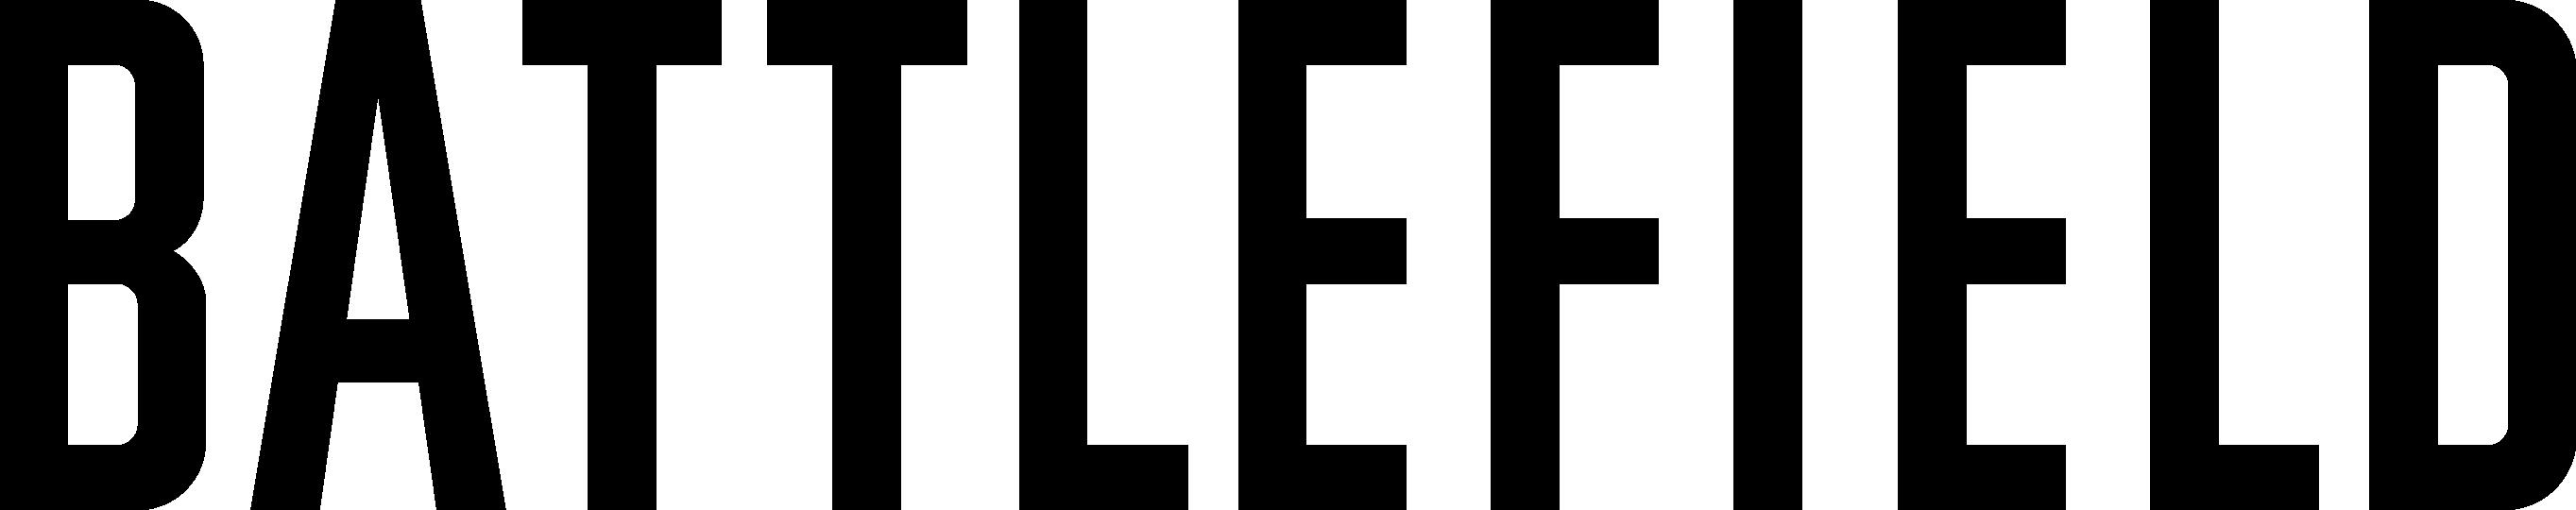 Battlefield Logo Logos Battlefield Vector Logo